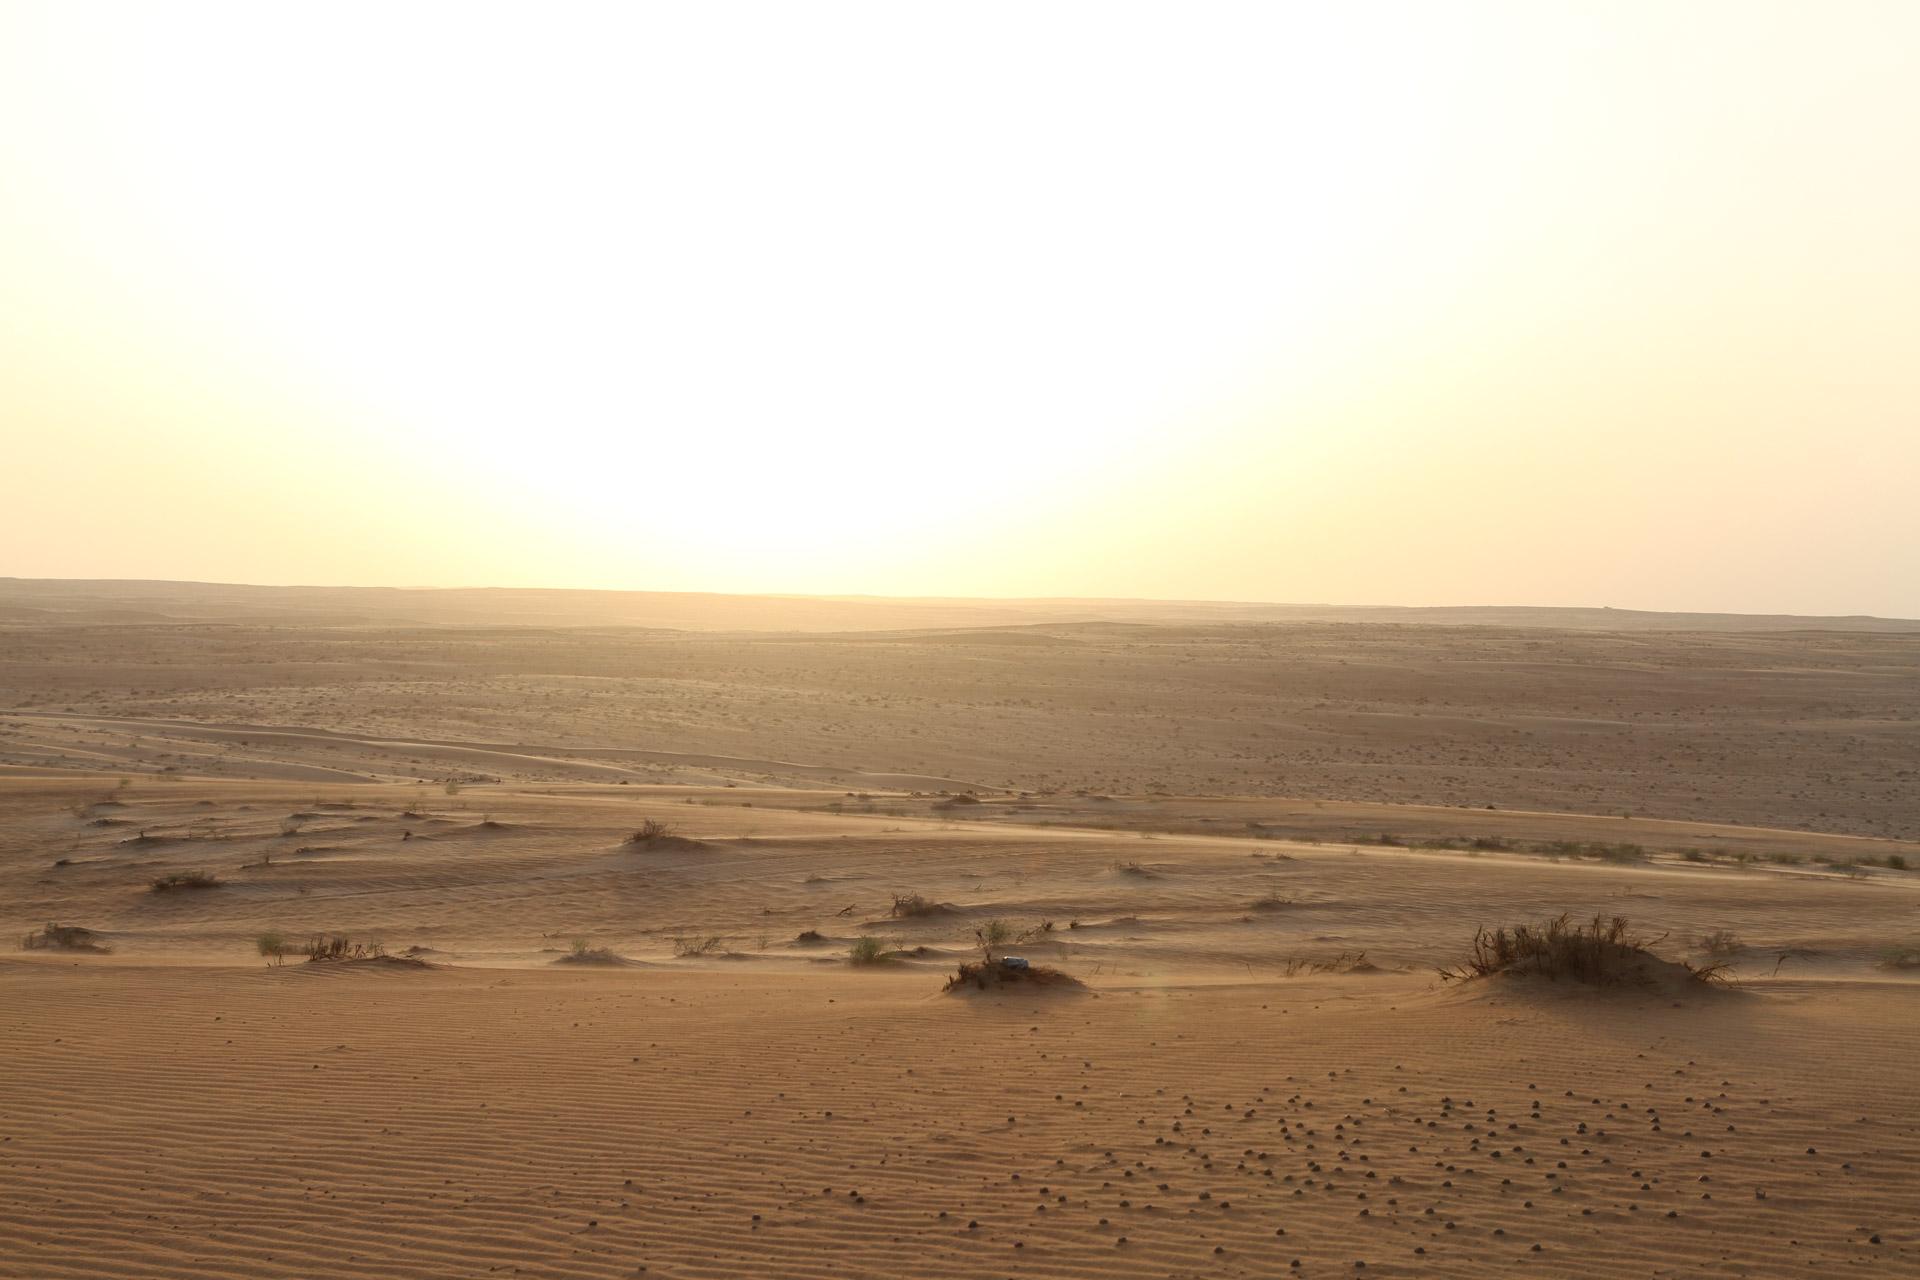 Sunset above the dusty desert.